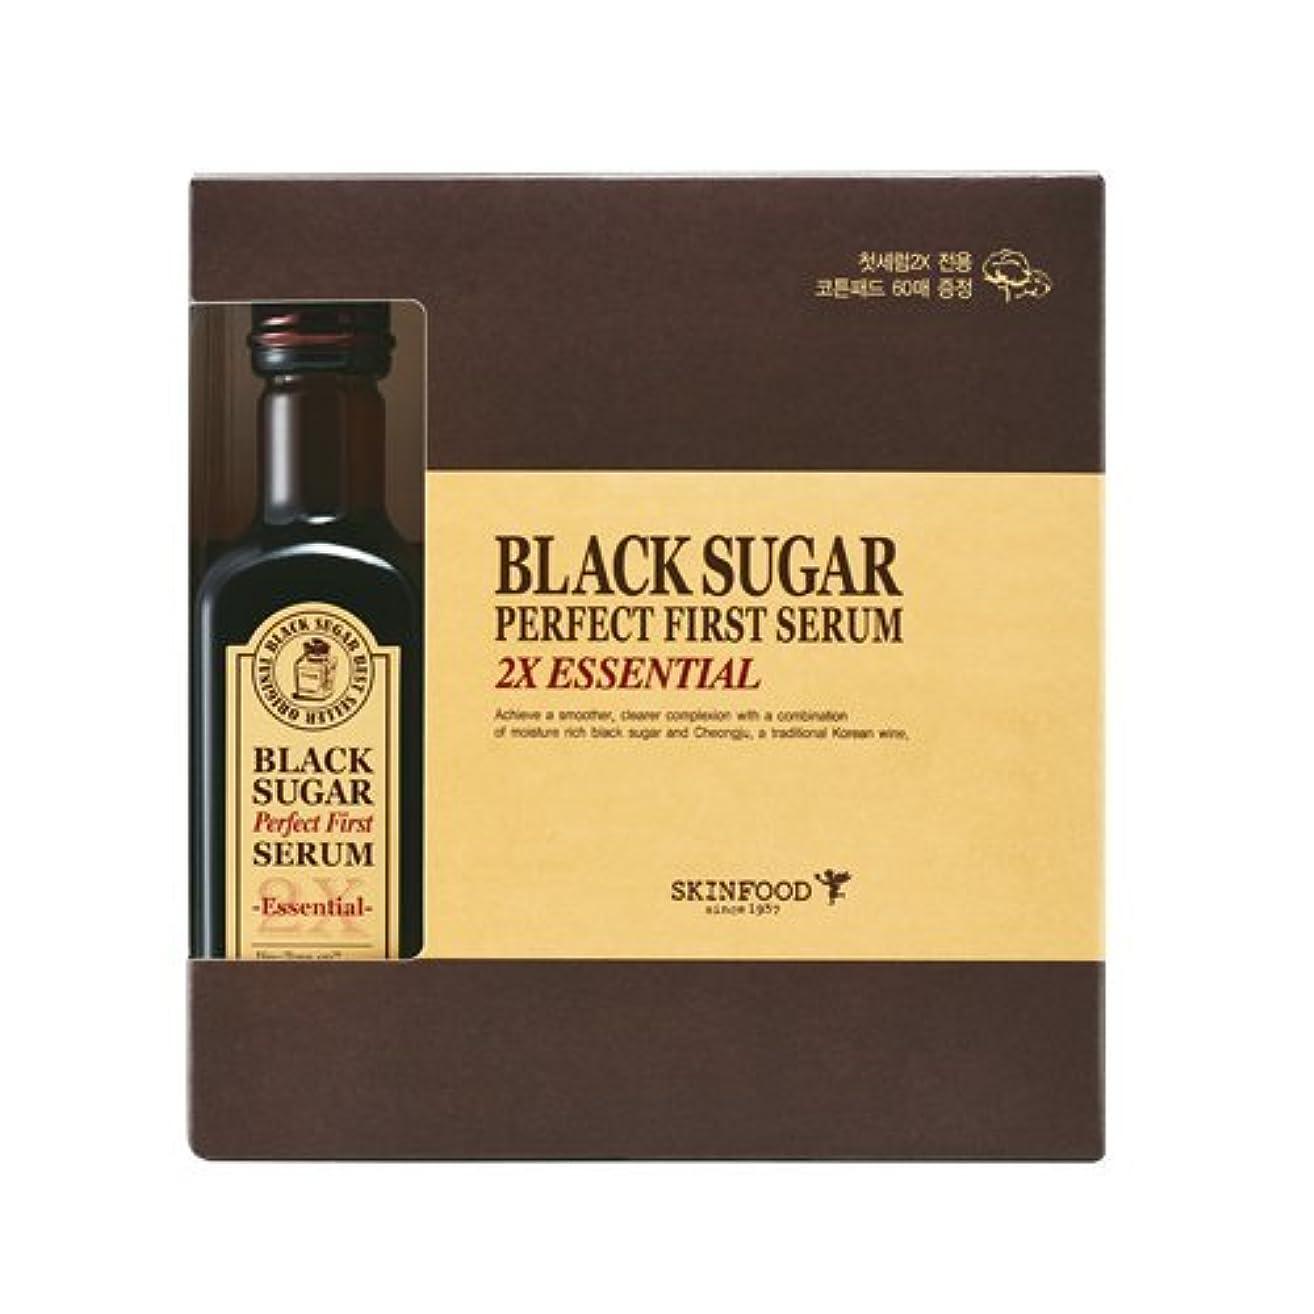 モノグラフ古い別の(SKINFOOD スキンフード)Black Sugar Perfect First Serum 2X ?essential- ブラックシュガー パーフェクトファーストセラム2X skin-brightening and...